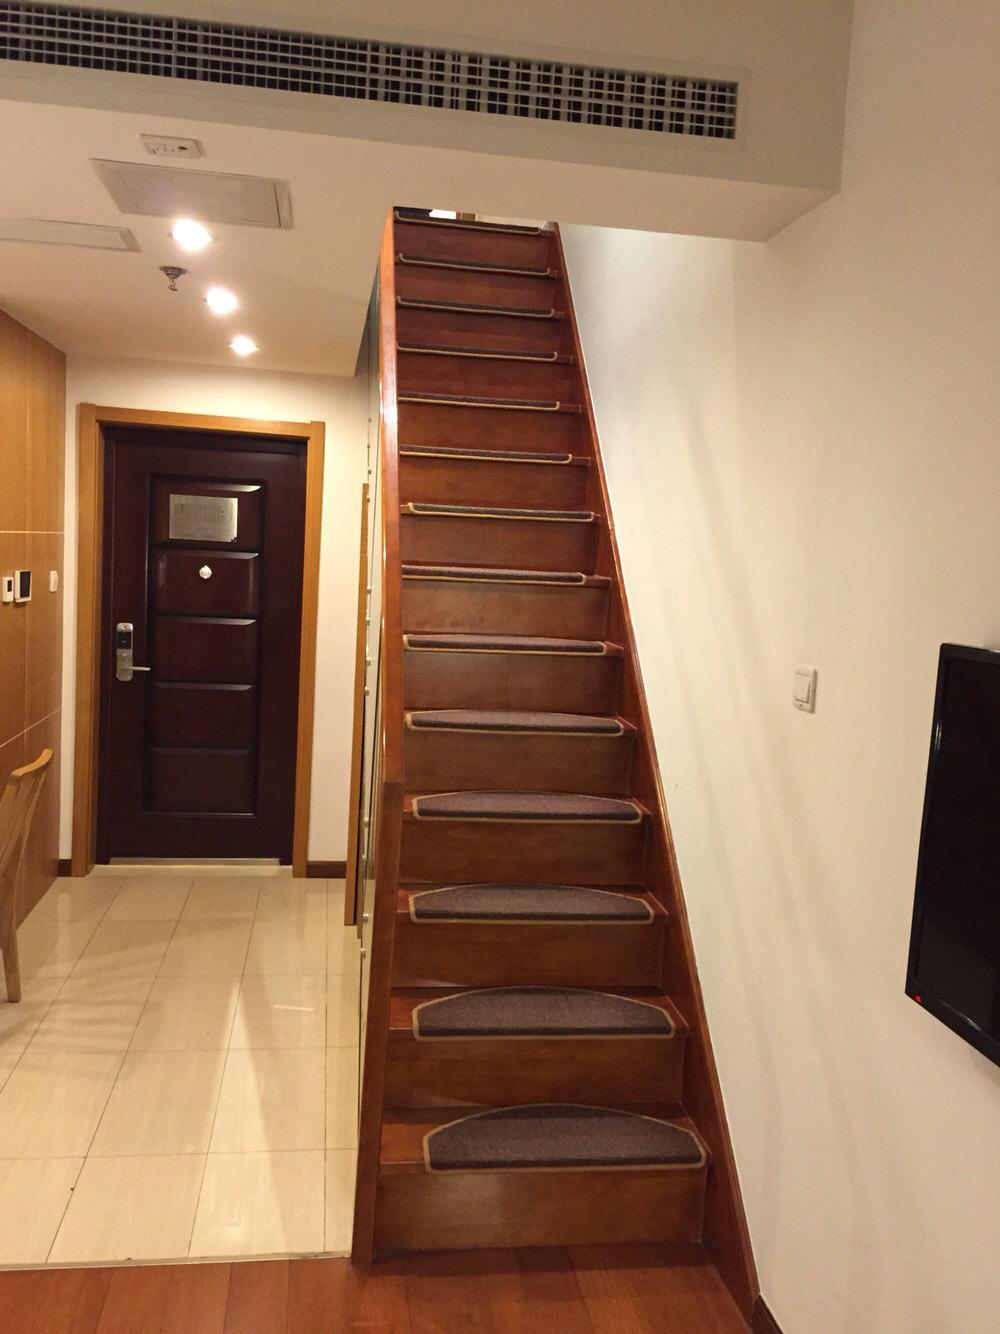 青岛大拇指广场深蓝复式公寓图片